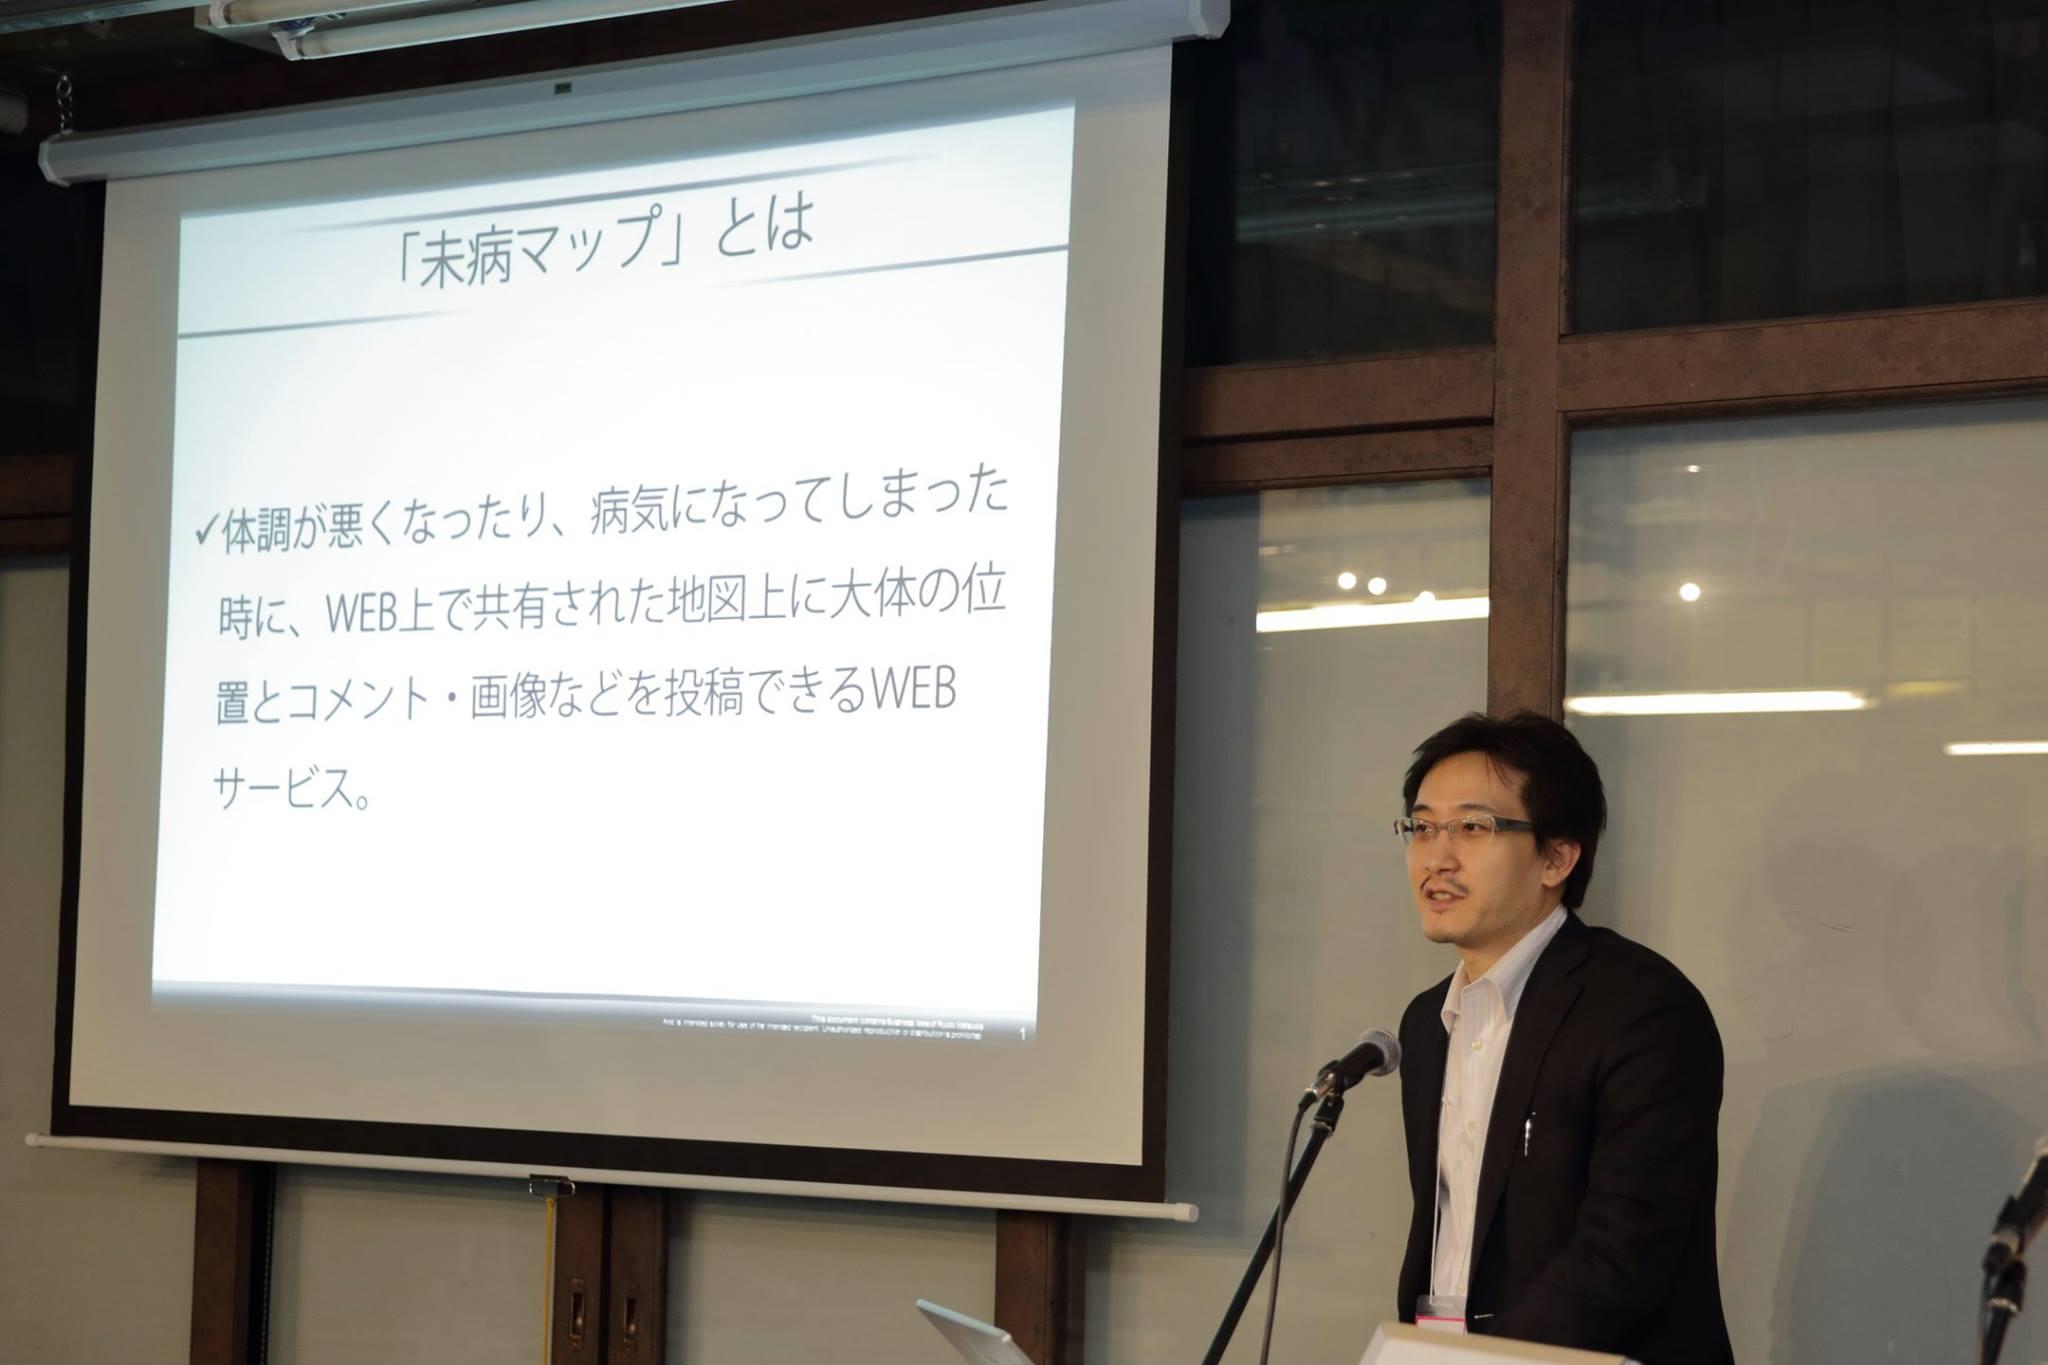 松田龍人さんのビジネスプラン発表の様子